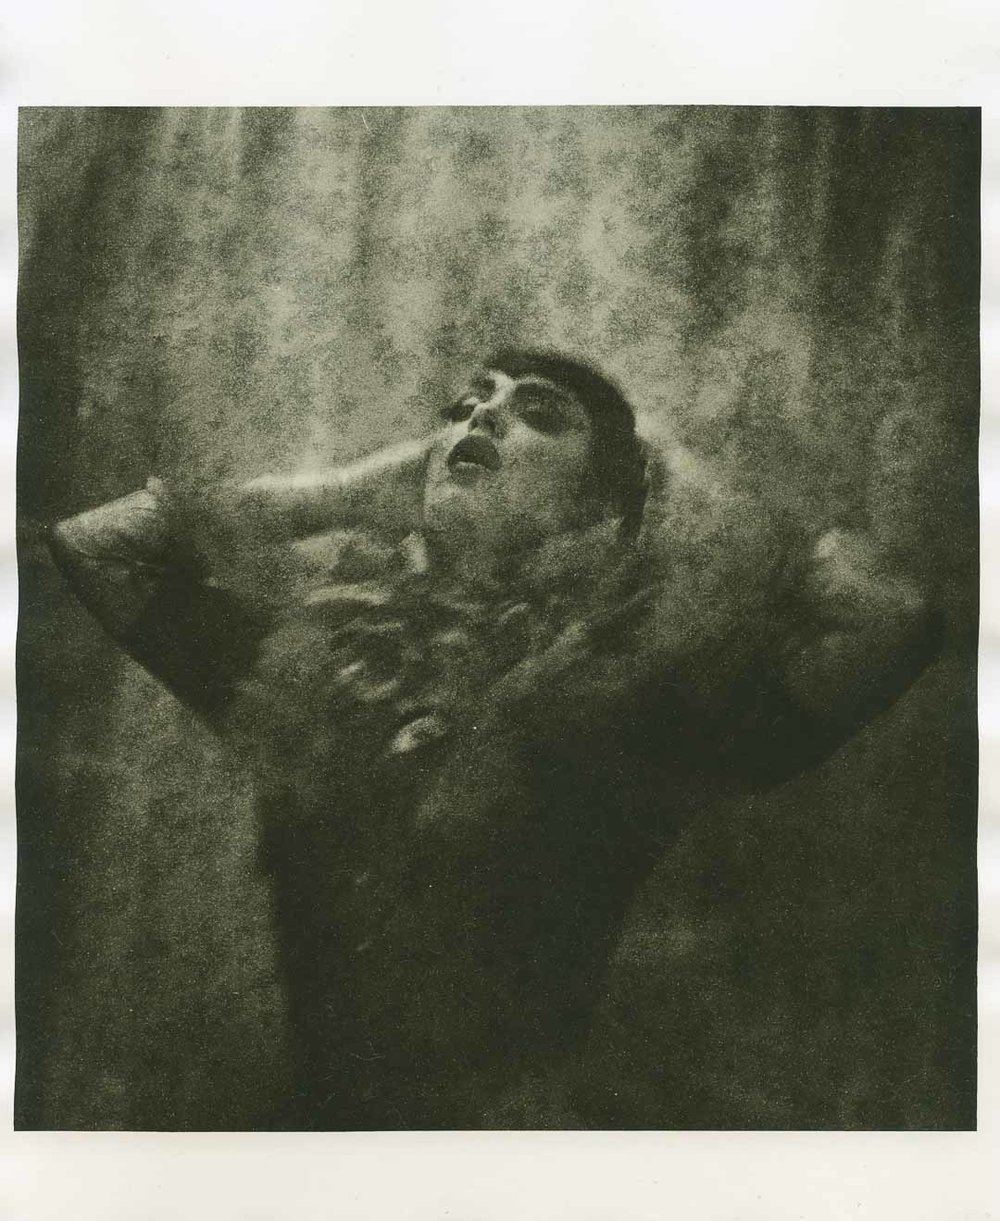 Lith print | Ralph Whitehead